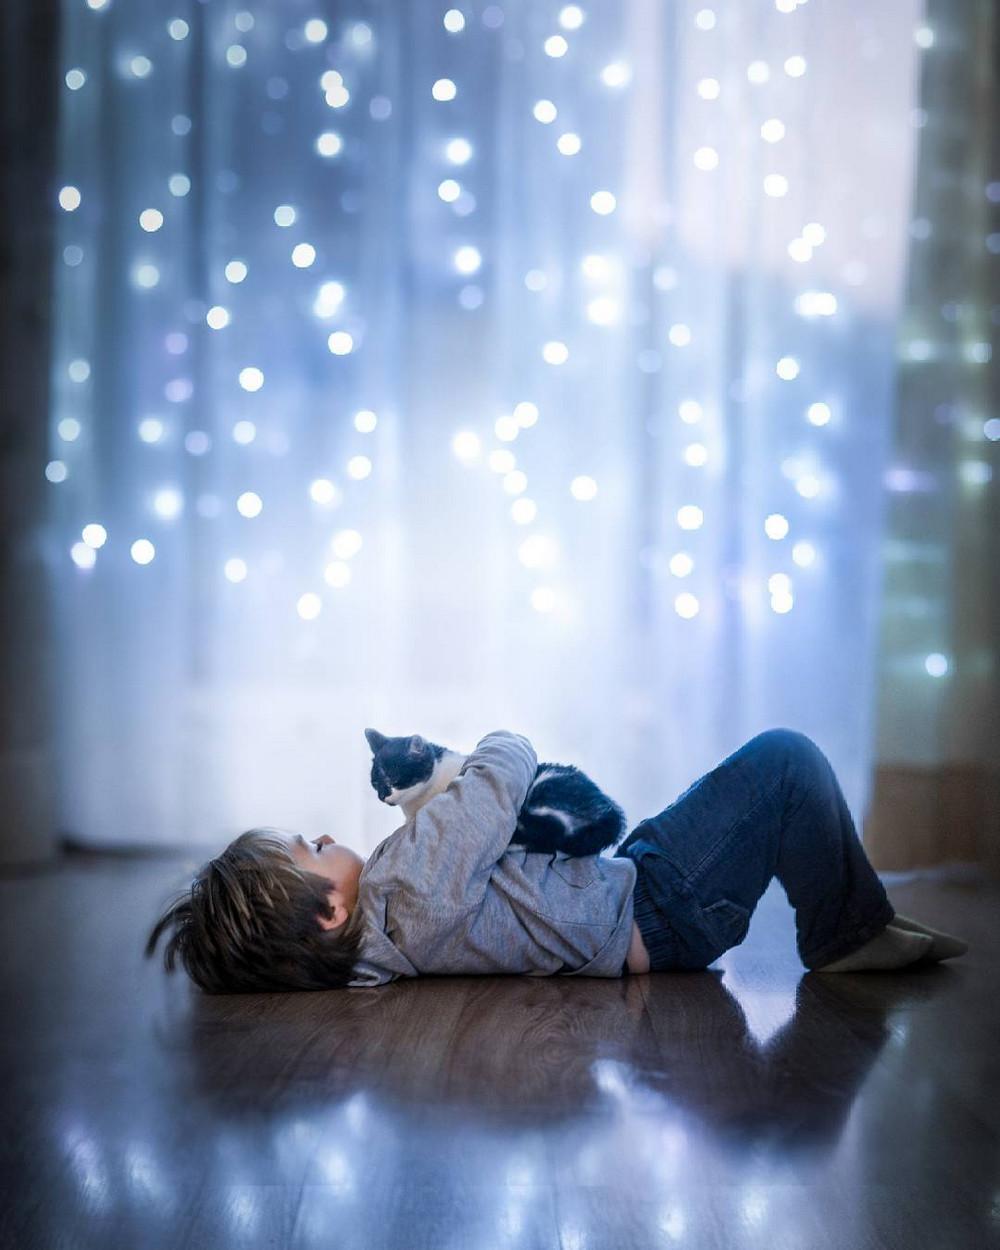 Ивона Подласинска фотографирует детство 17